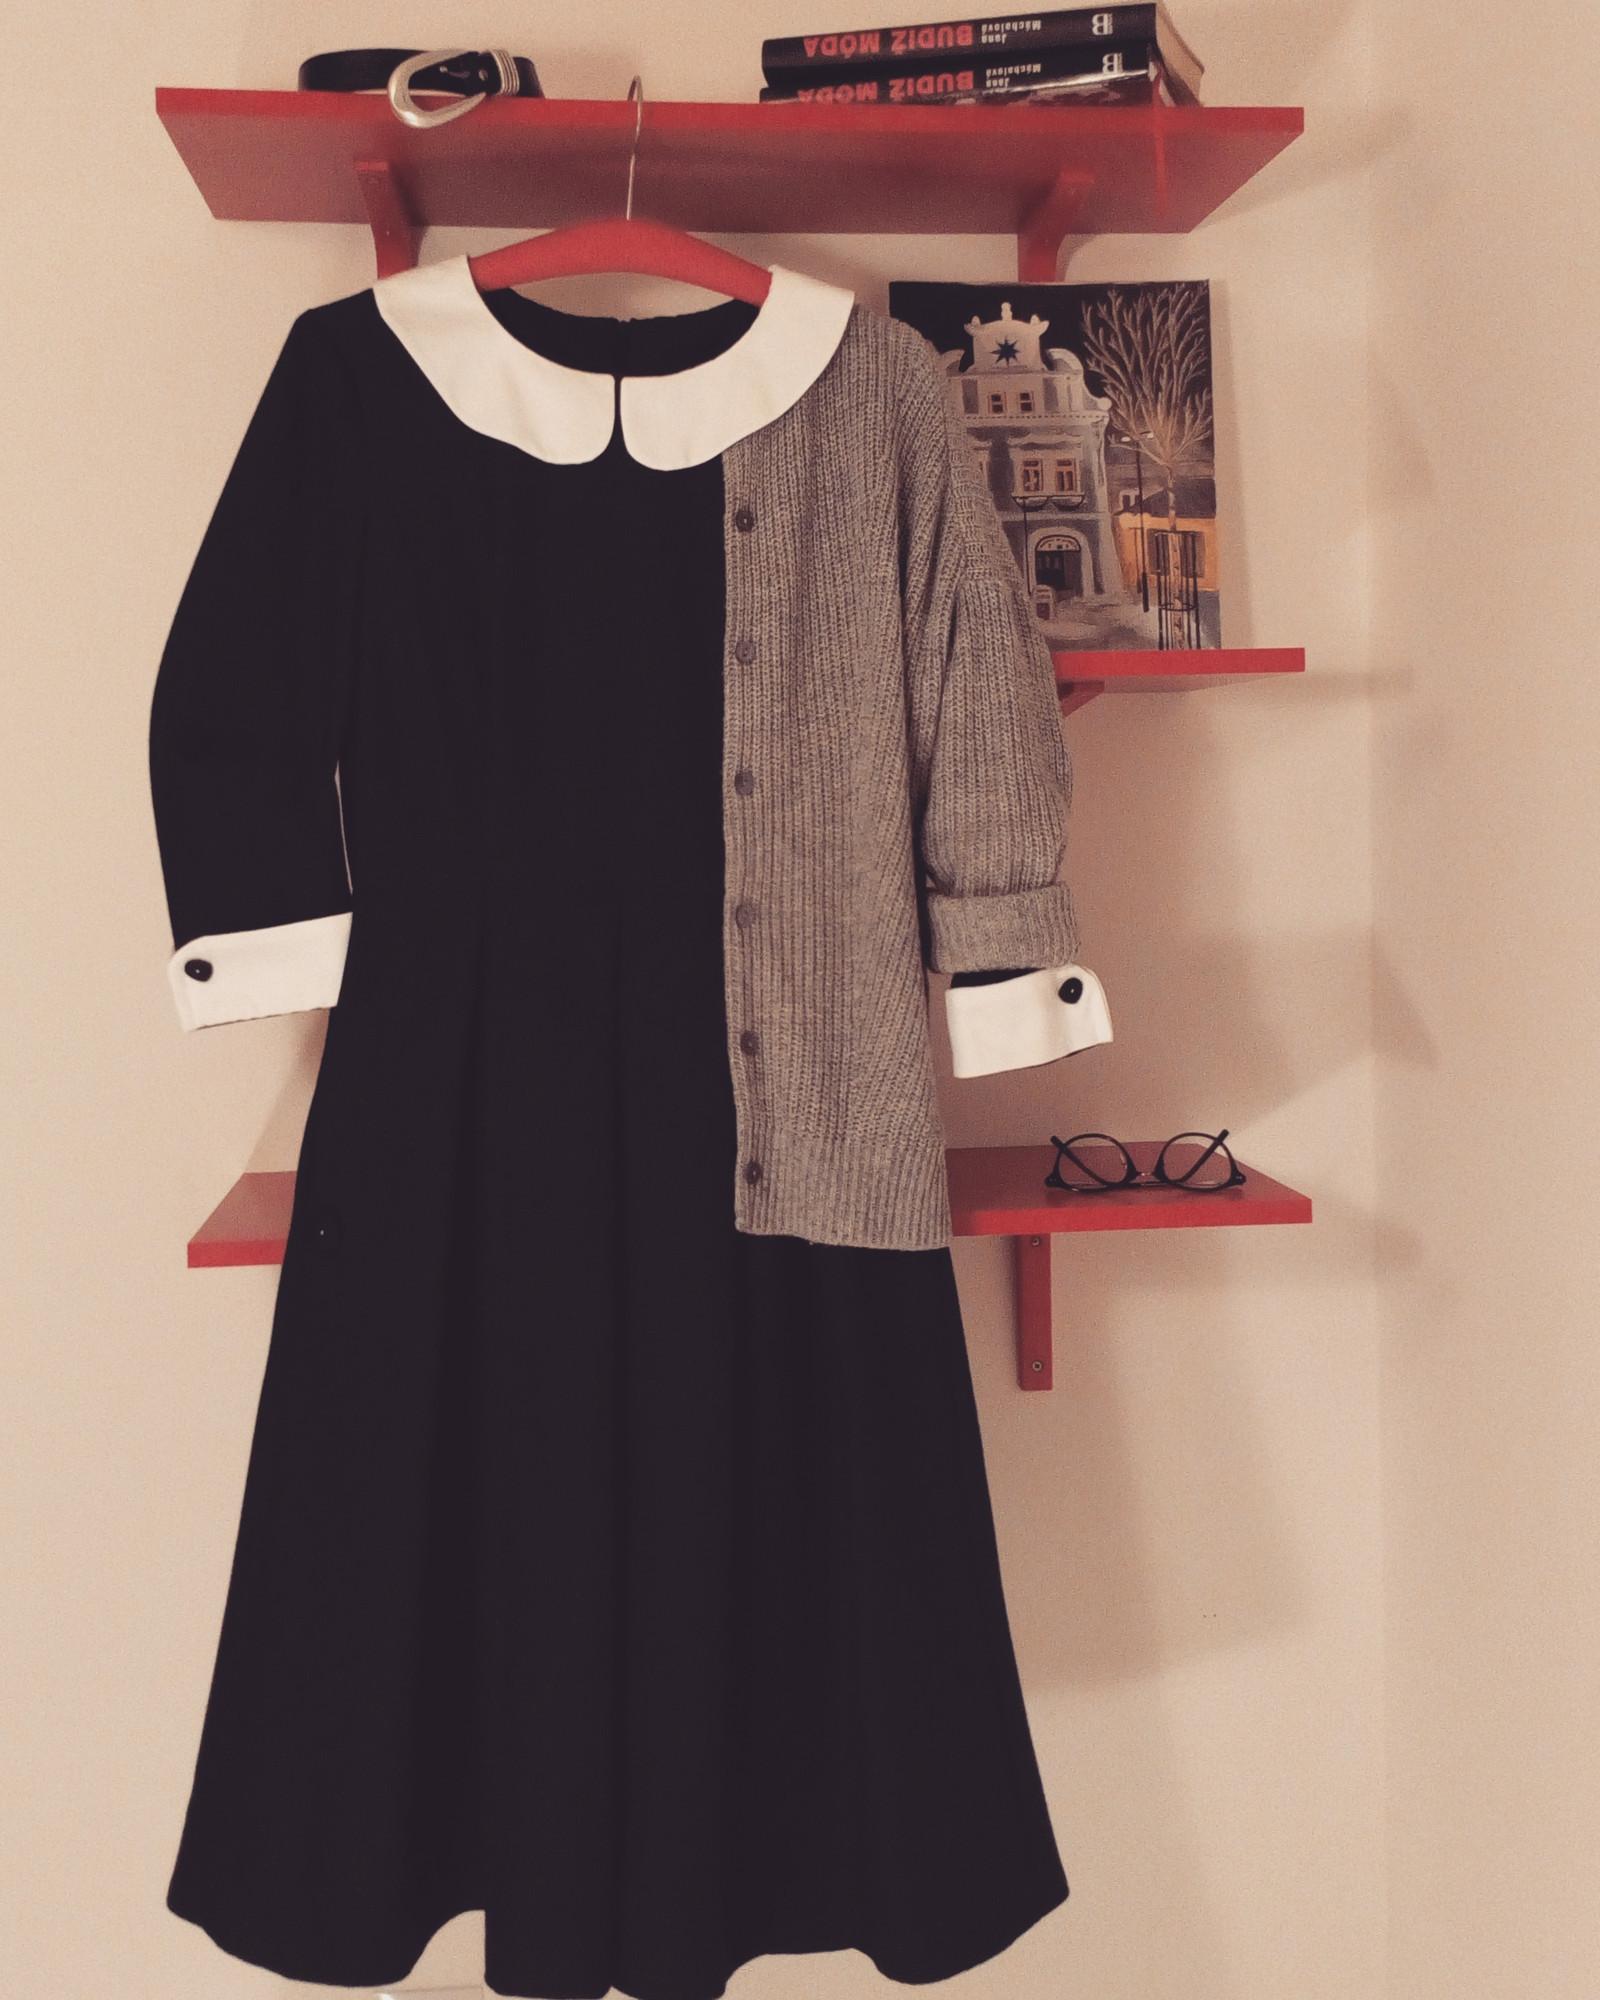 87618dbededf Tmavě šedé šaty s límečkem Oxford   Zboží prodejce Lařina Skříň ...